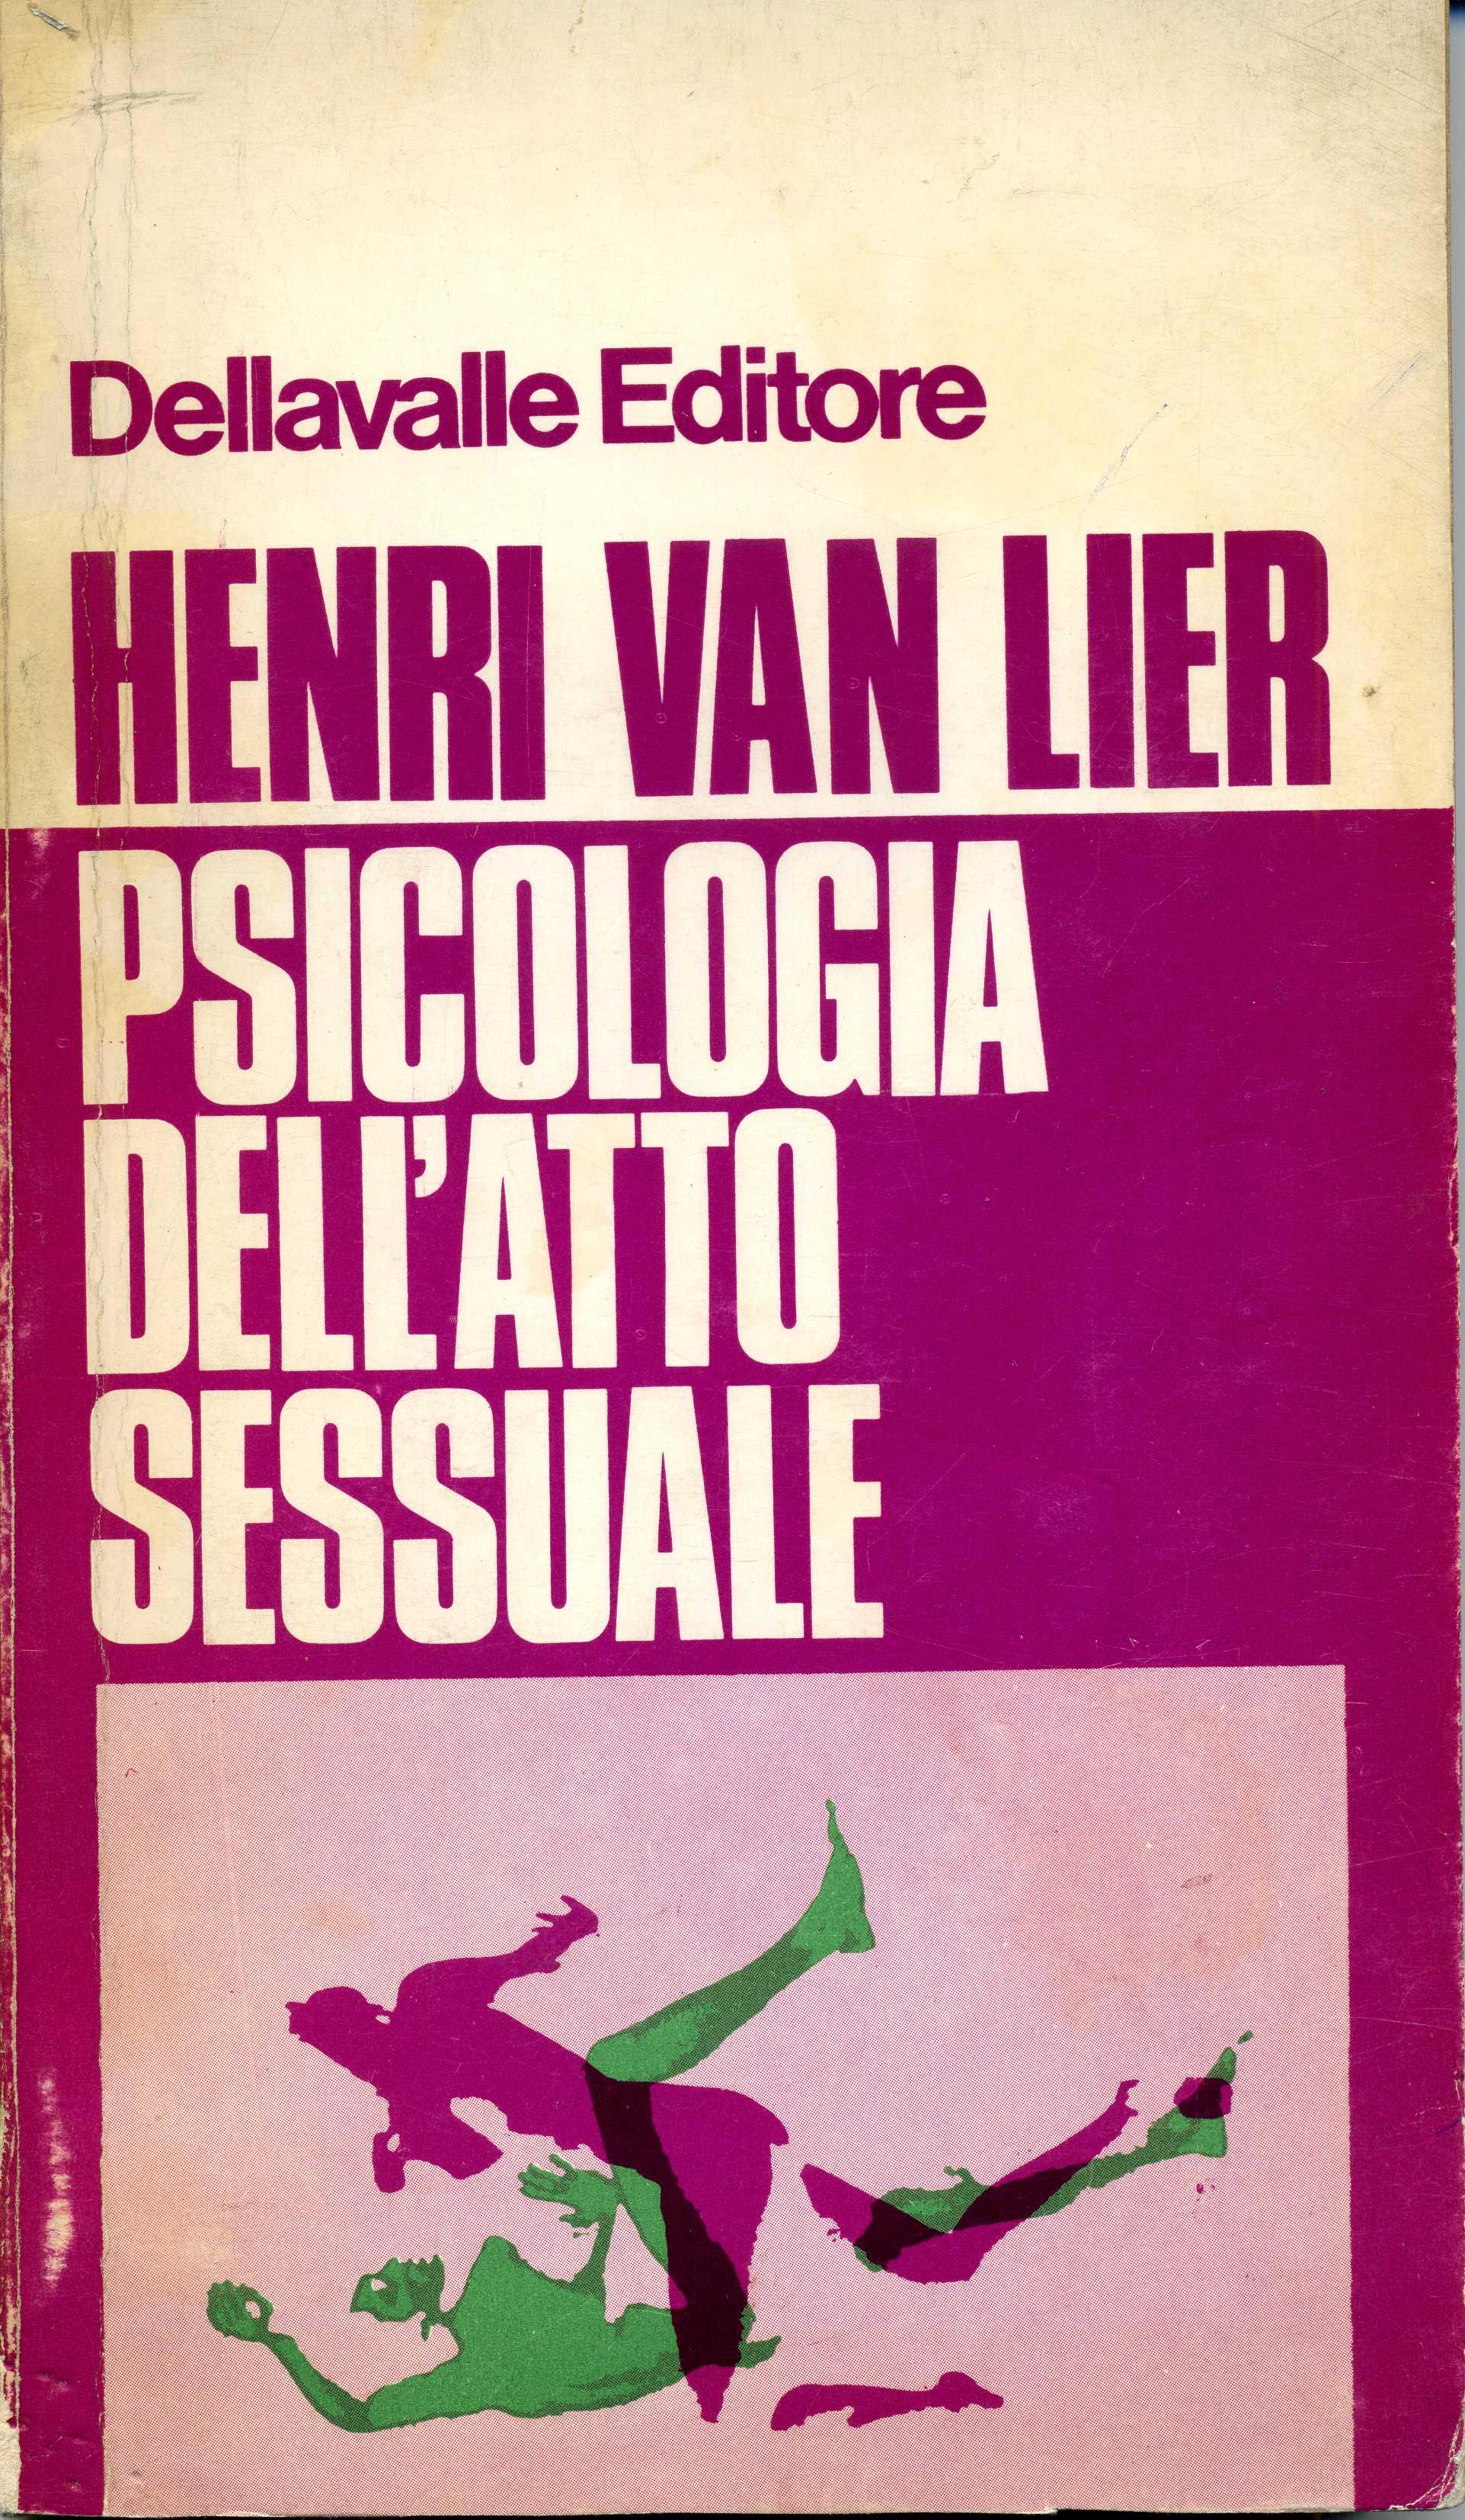 Couverture_Psicologia_dell_atto_sessuale.jpg